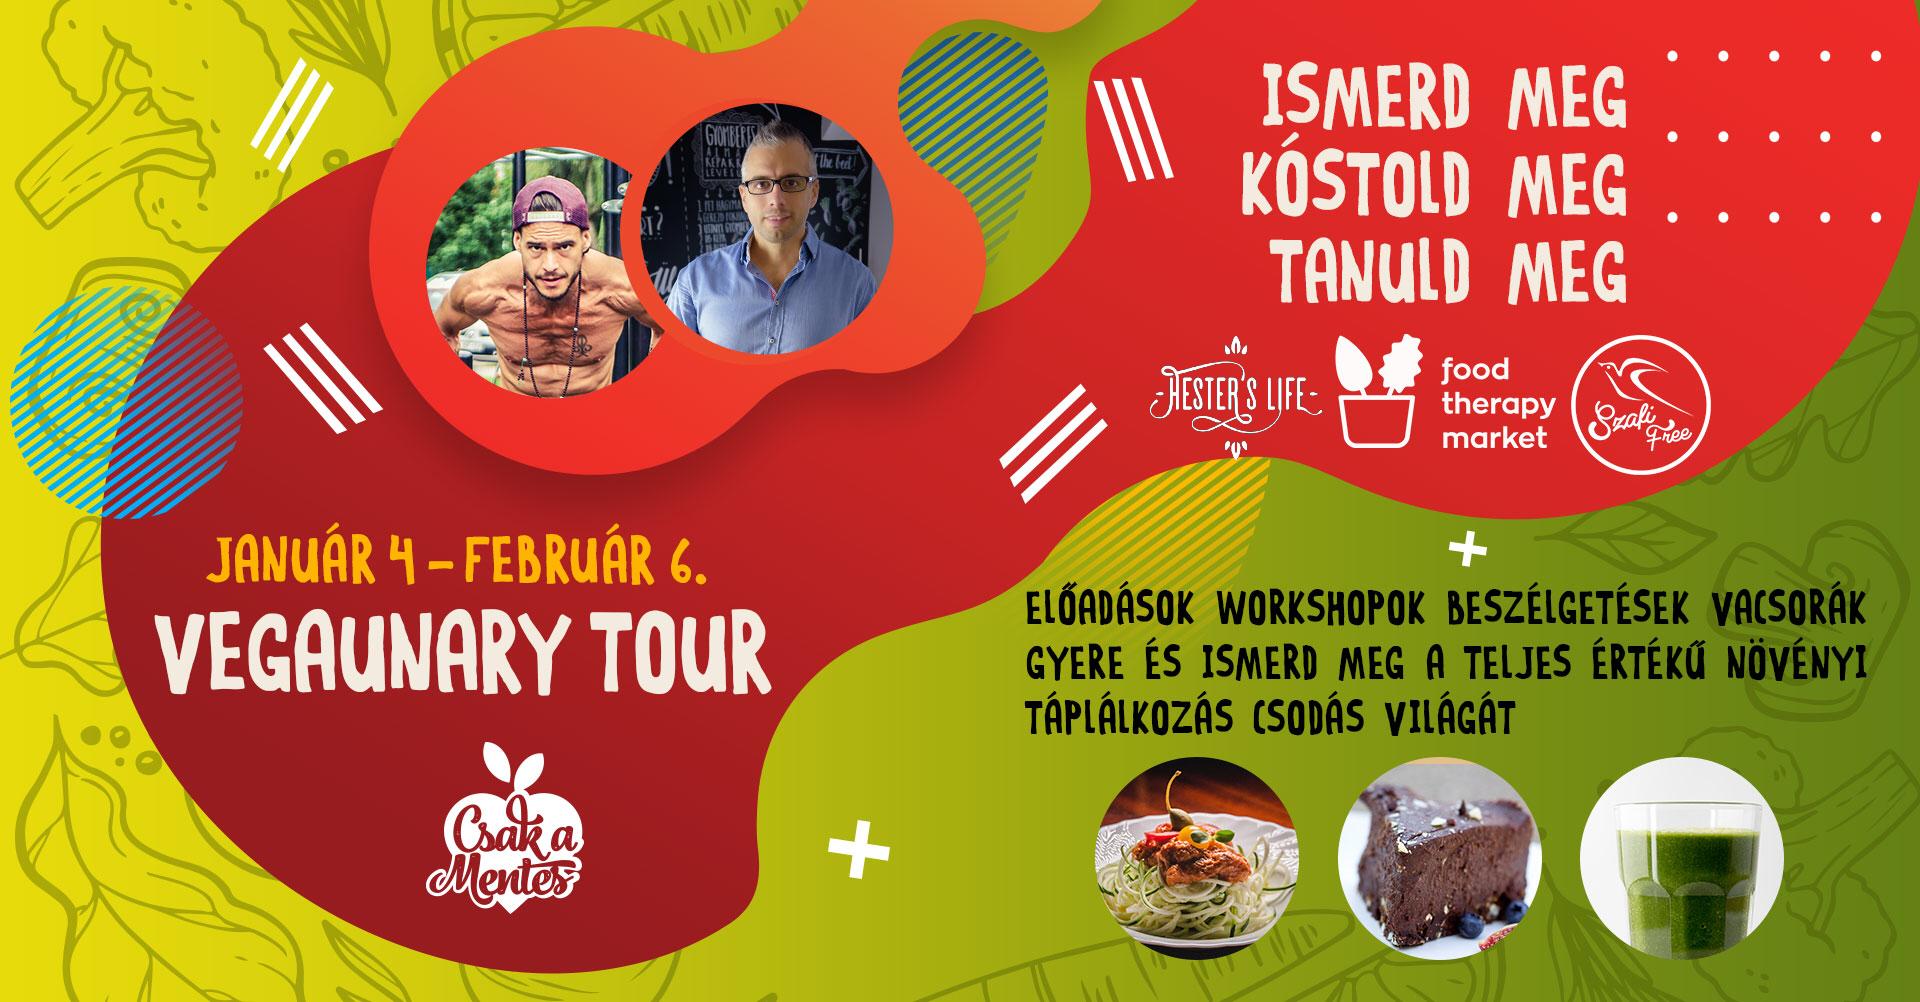 Veganuary Tour országjáró előadás és workshop sorozat